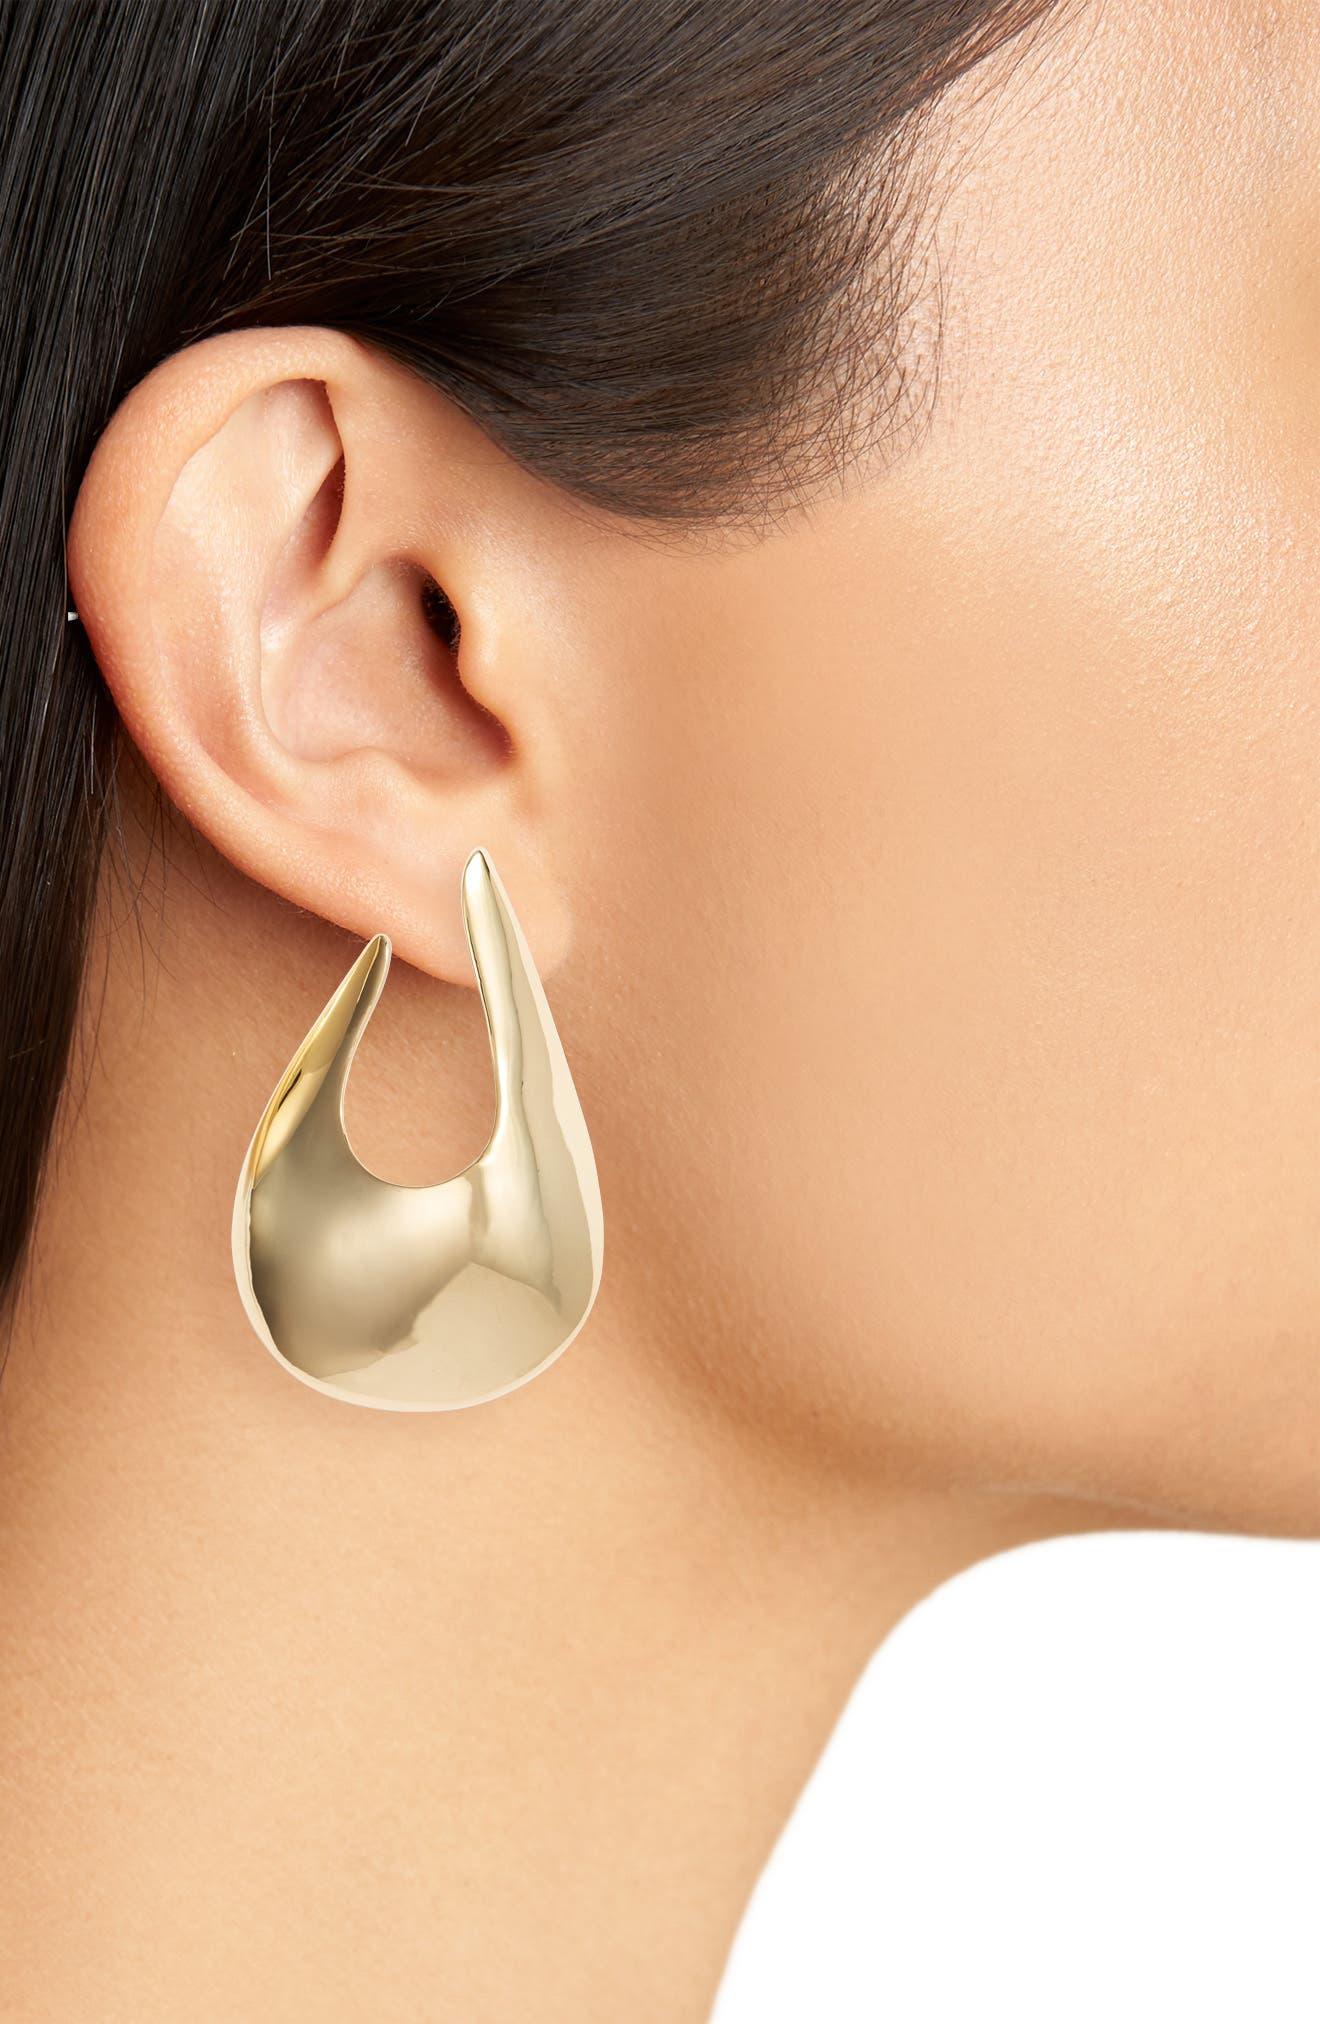 Organic Shape Hoop Earrings,                             Alternate thumbnail 2, color,                             010